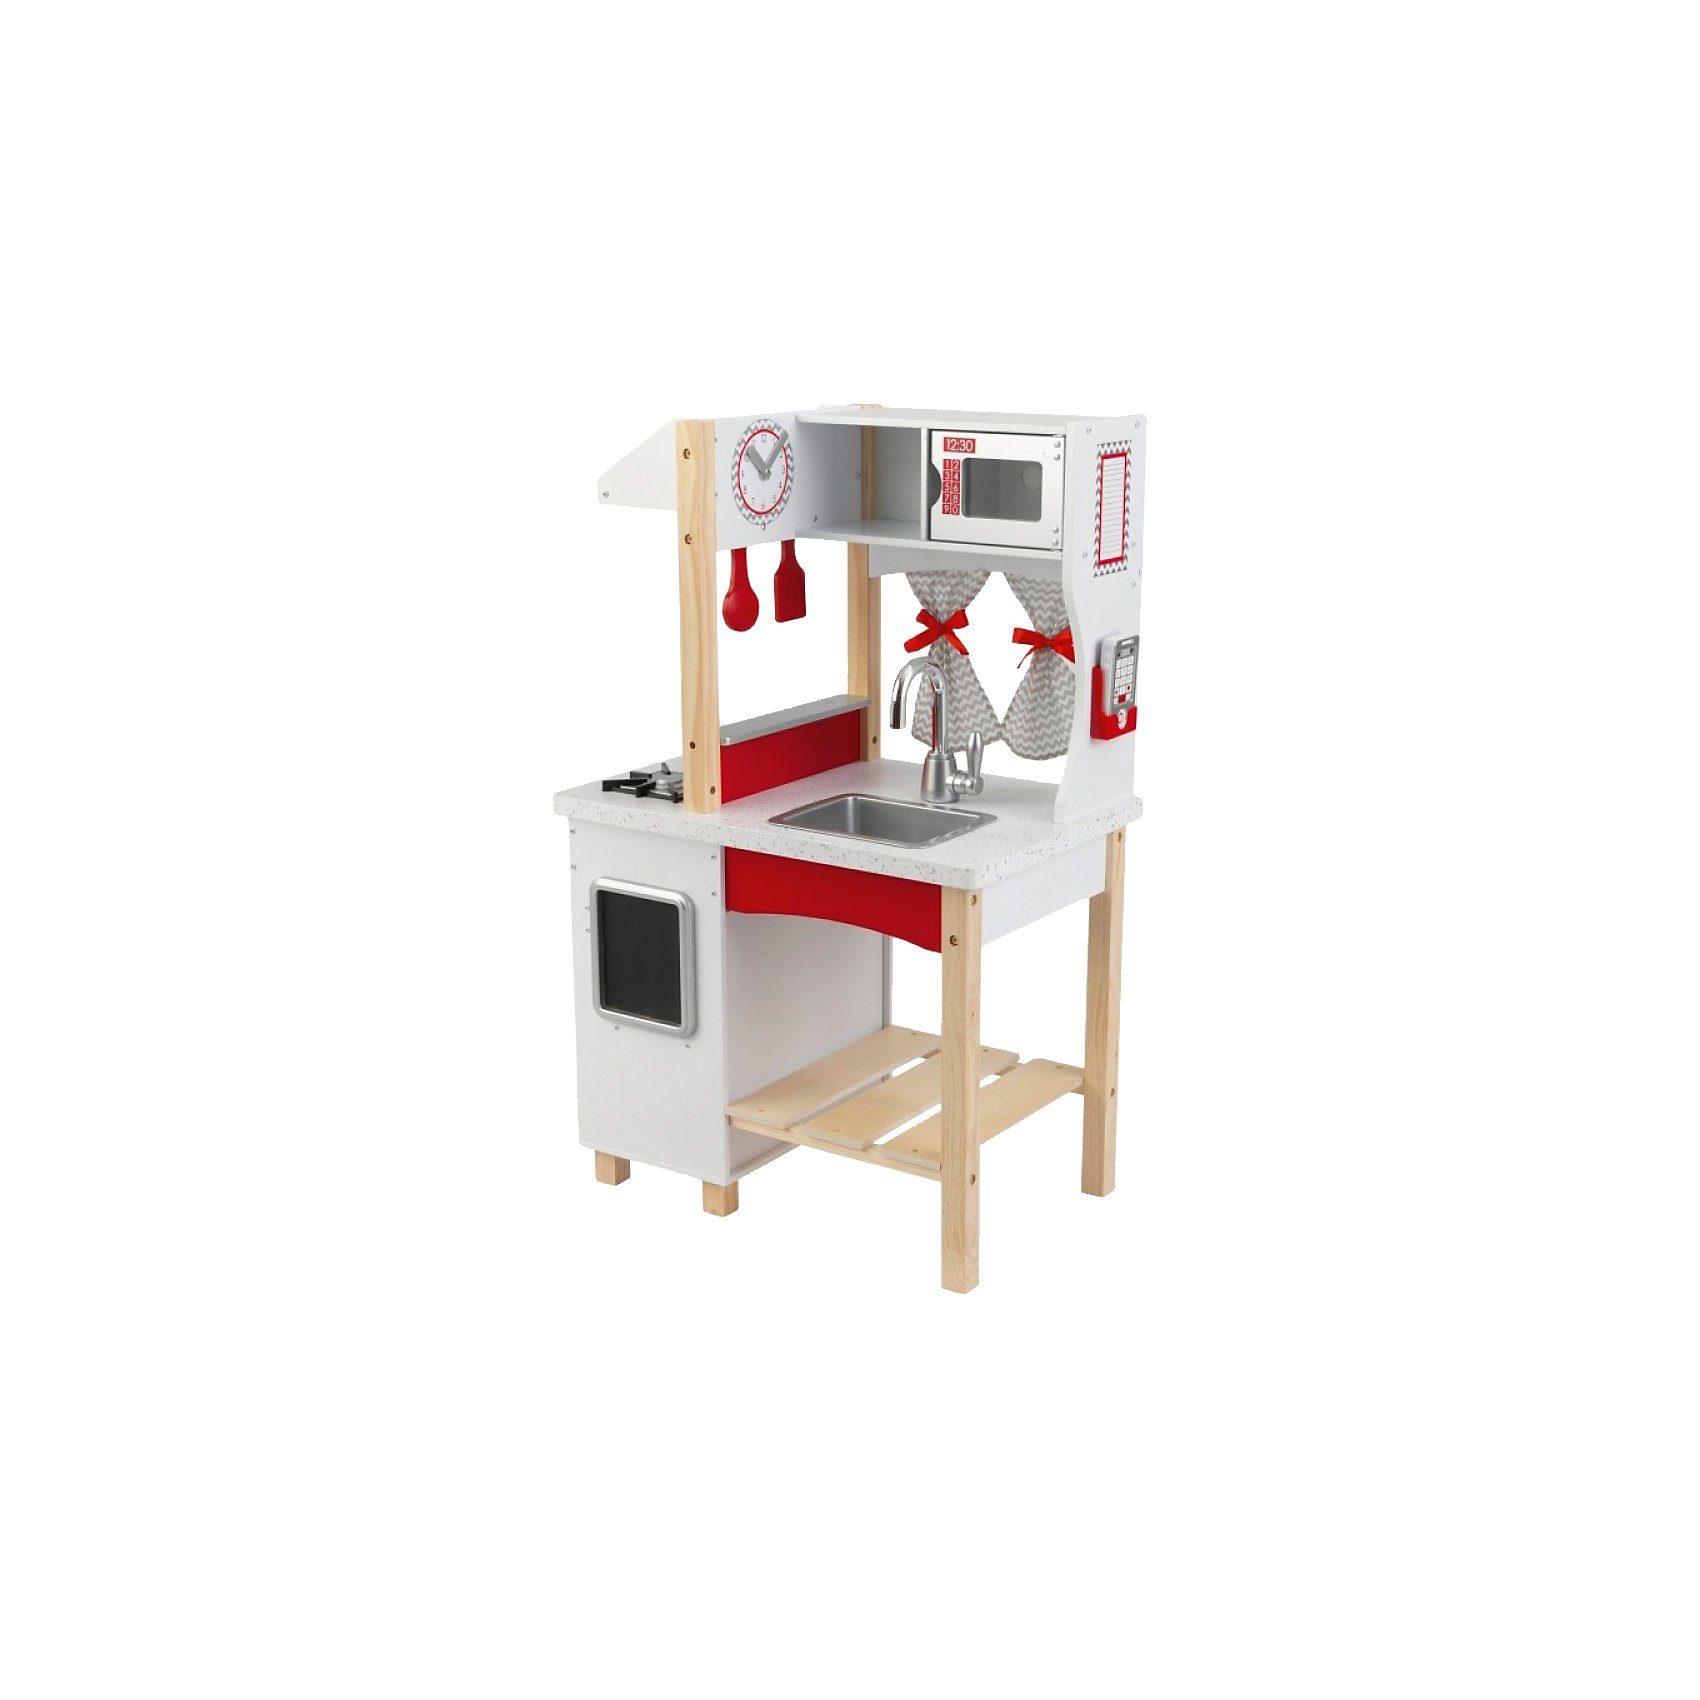 KidKraft Moderne Island Spielküche